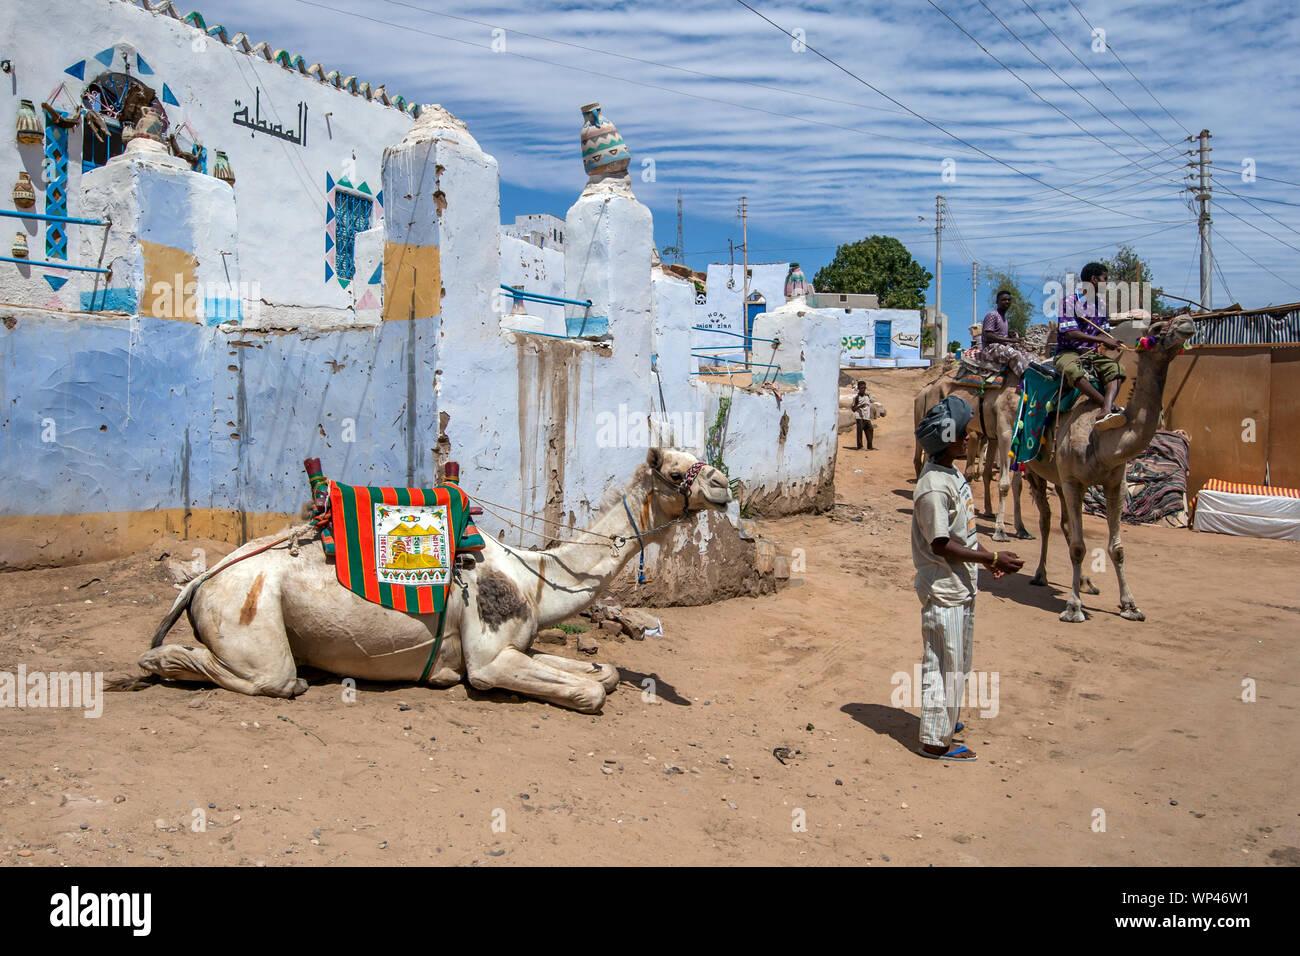 Un des chameaux se détend dans le village Nubien de Garb-Sohel qu'après le tourisme le long de la rive ouest du Nil dans la région d'Assouan en Égypte. Banque D'Images